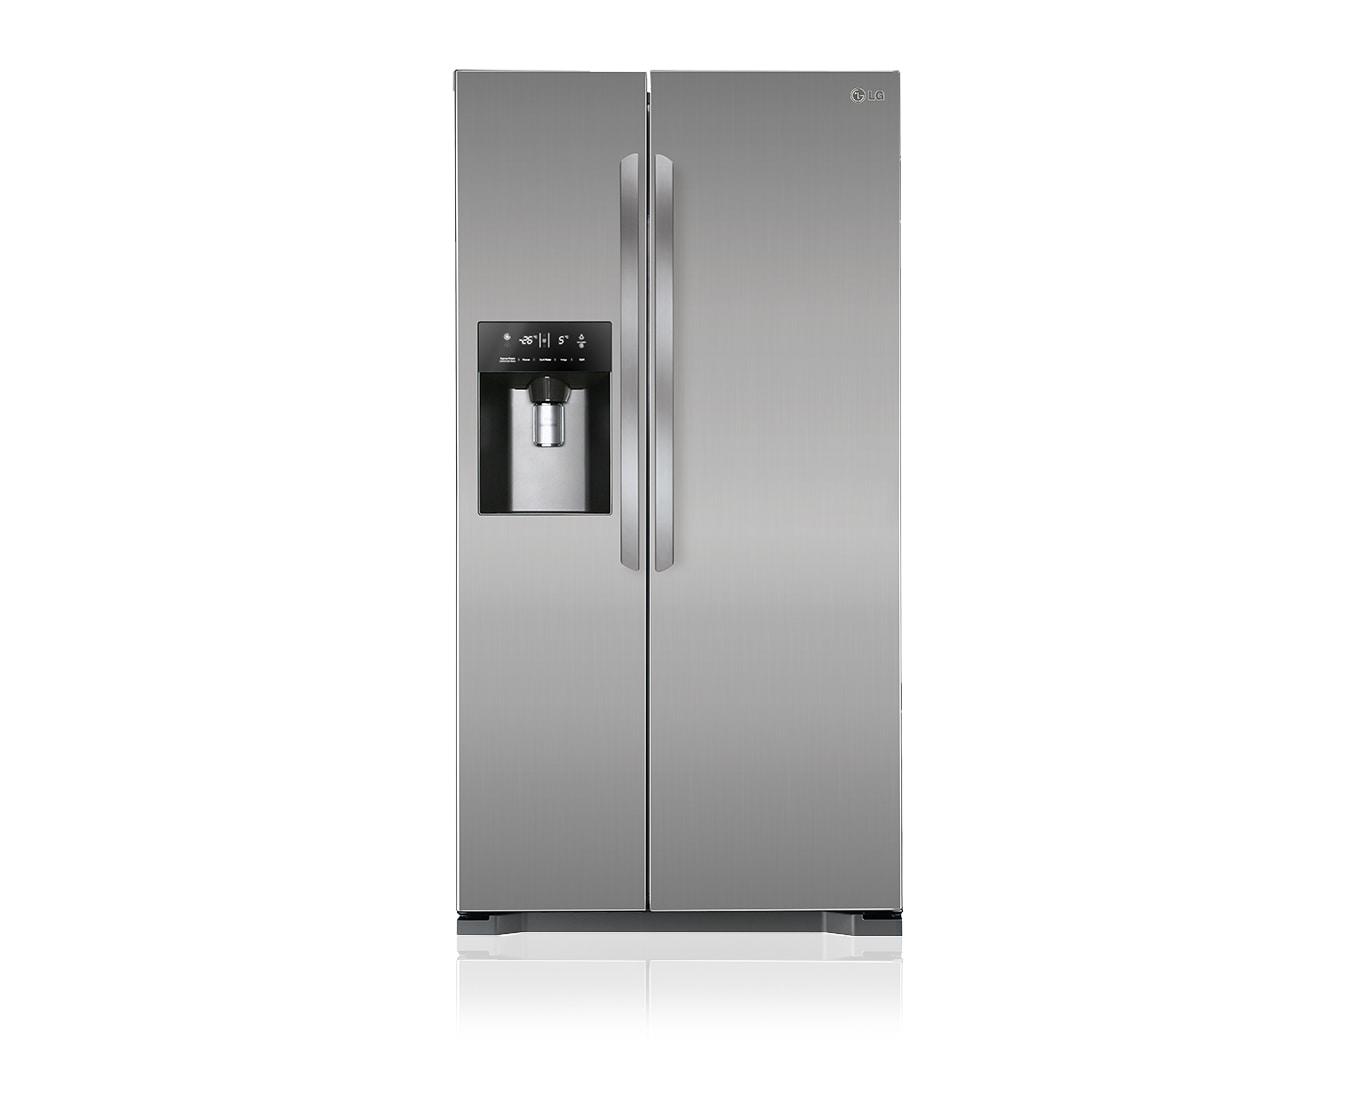 Smeg Kühlschrank Alternative : Smeg kühlschrank alternative fab raz kühlschrank by smeg cola